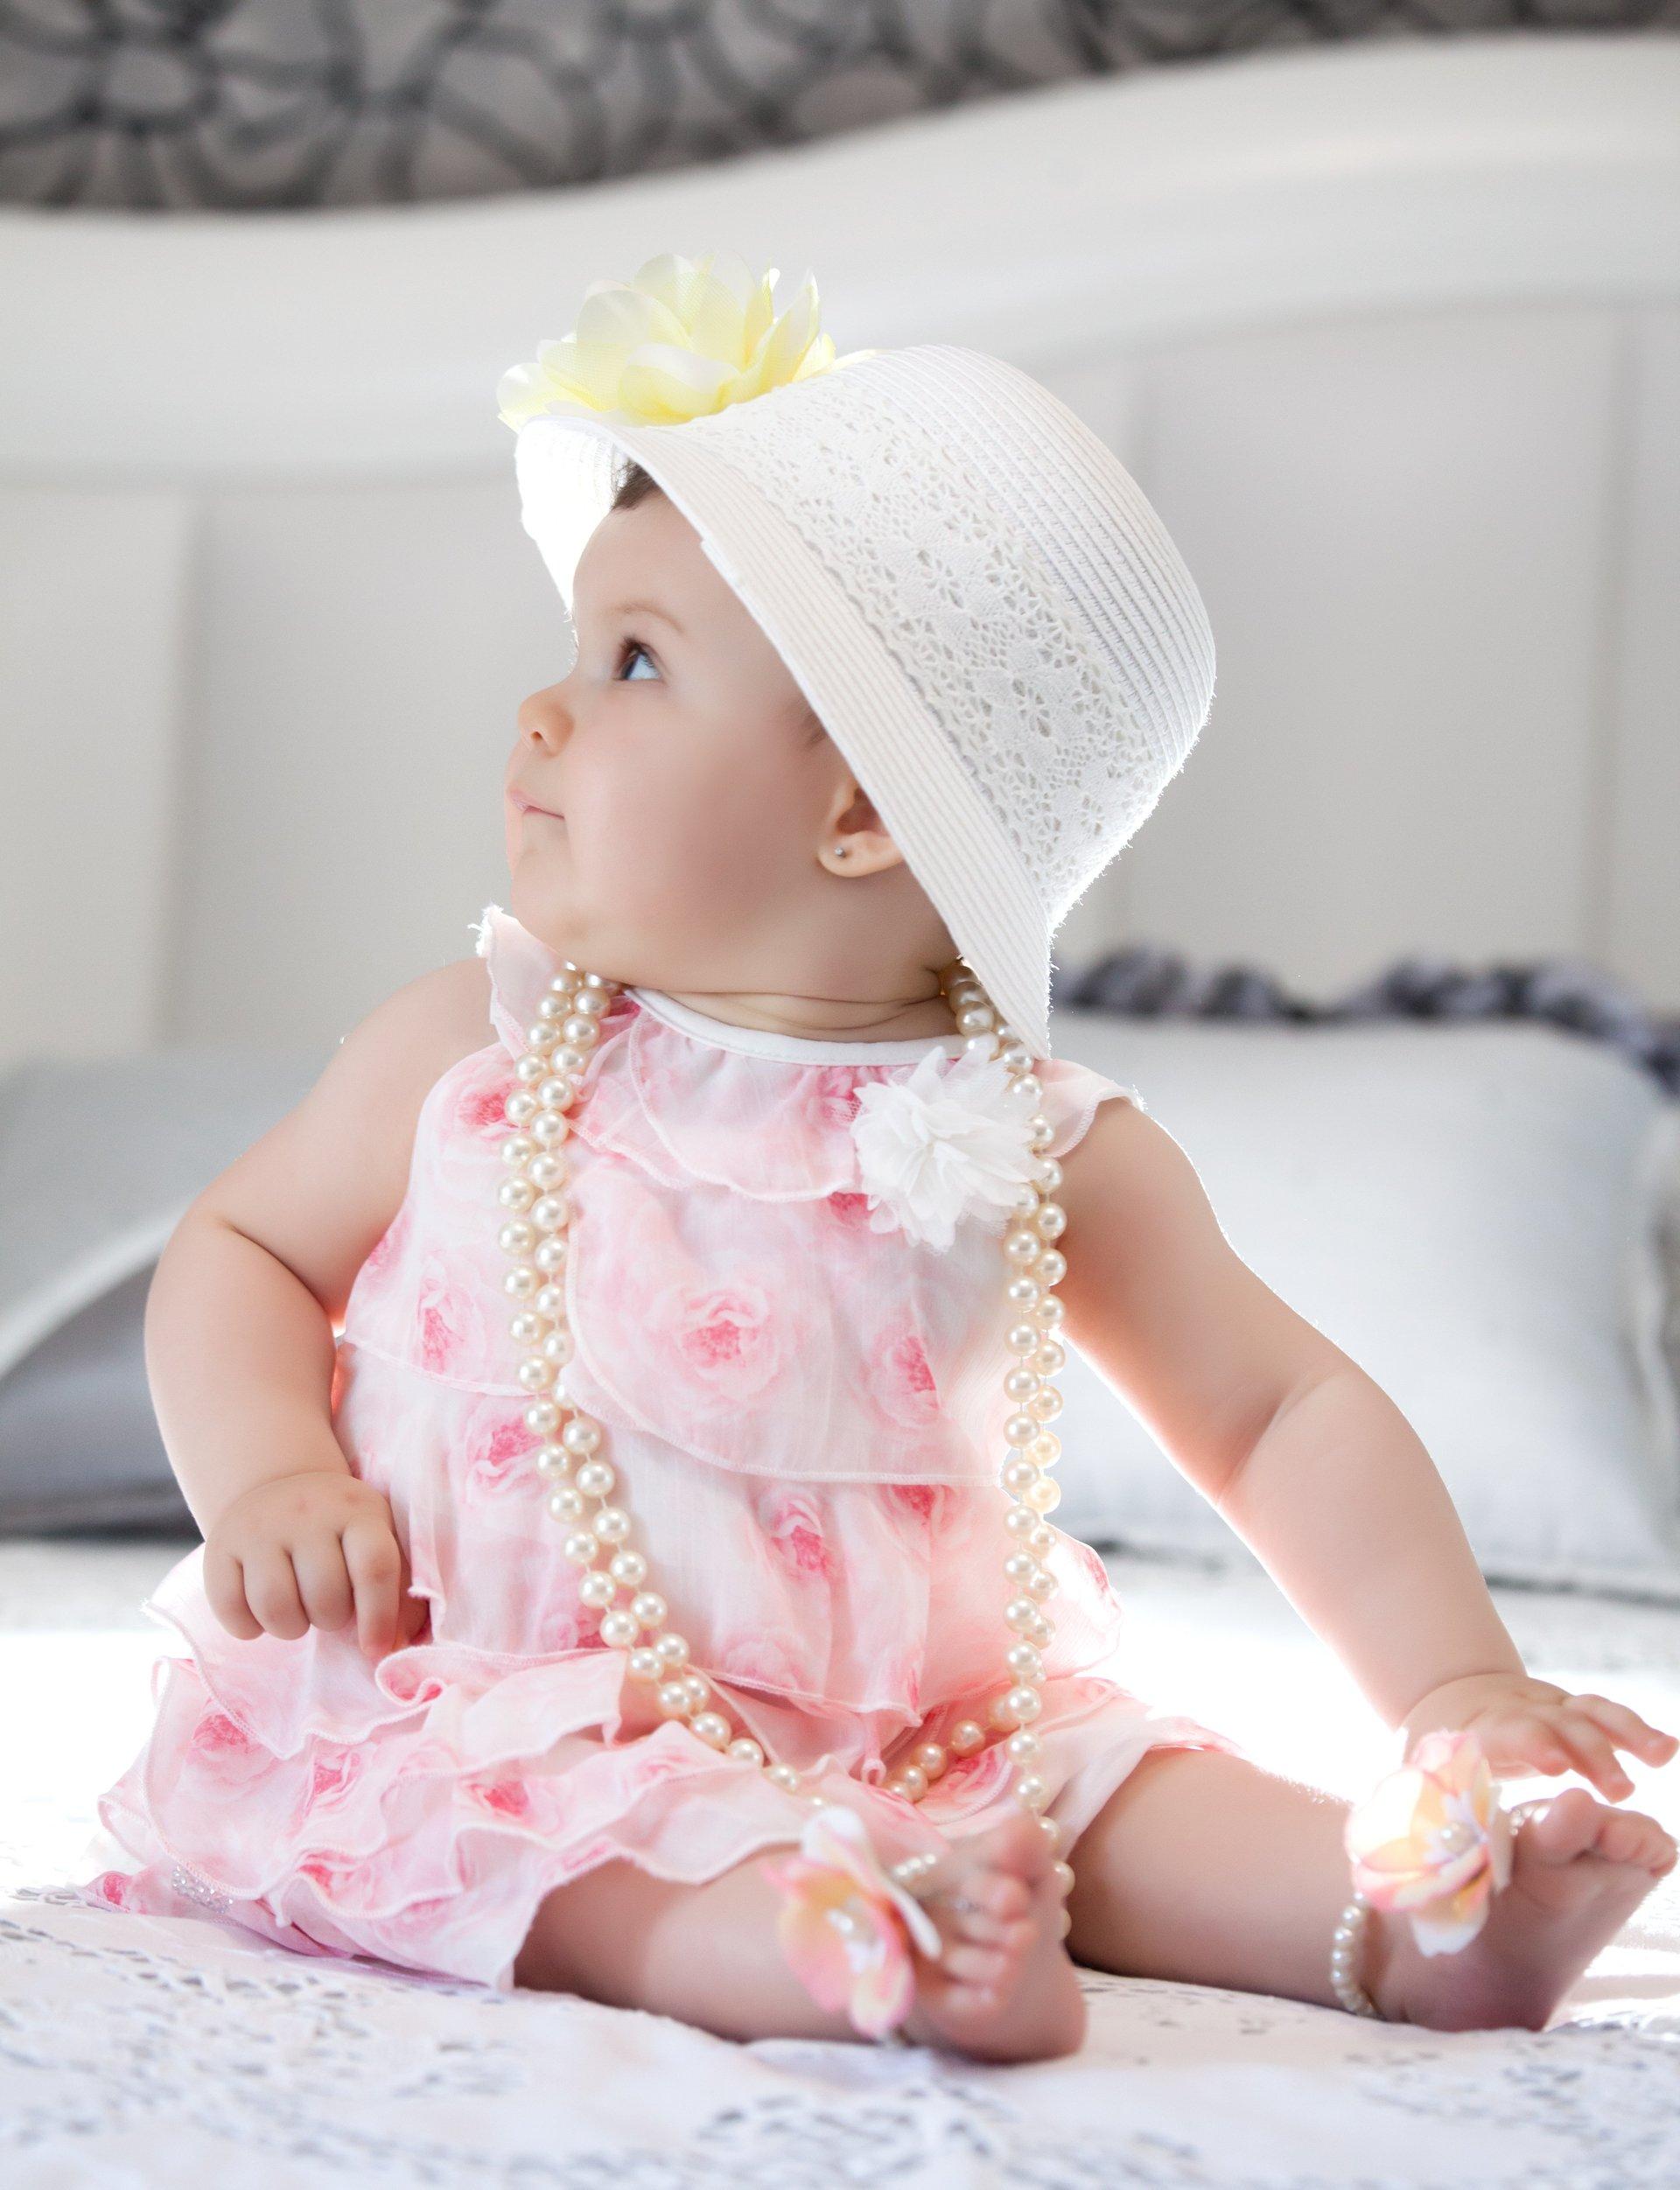 bambina su letto con cappellino bianco